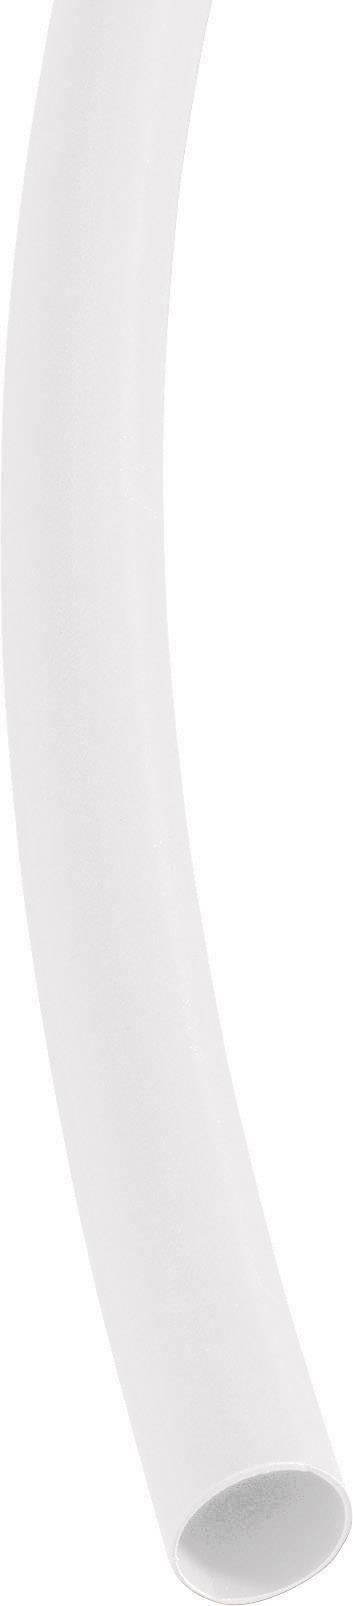 Zmršťovacia bužírka bez lepidla DSG Canusa DERAY-I3000 3290030903, 3:1, 3.20 mm, biela, metrový tovar